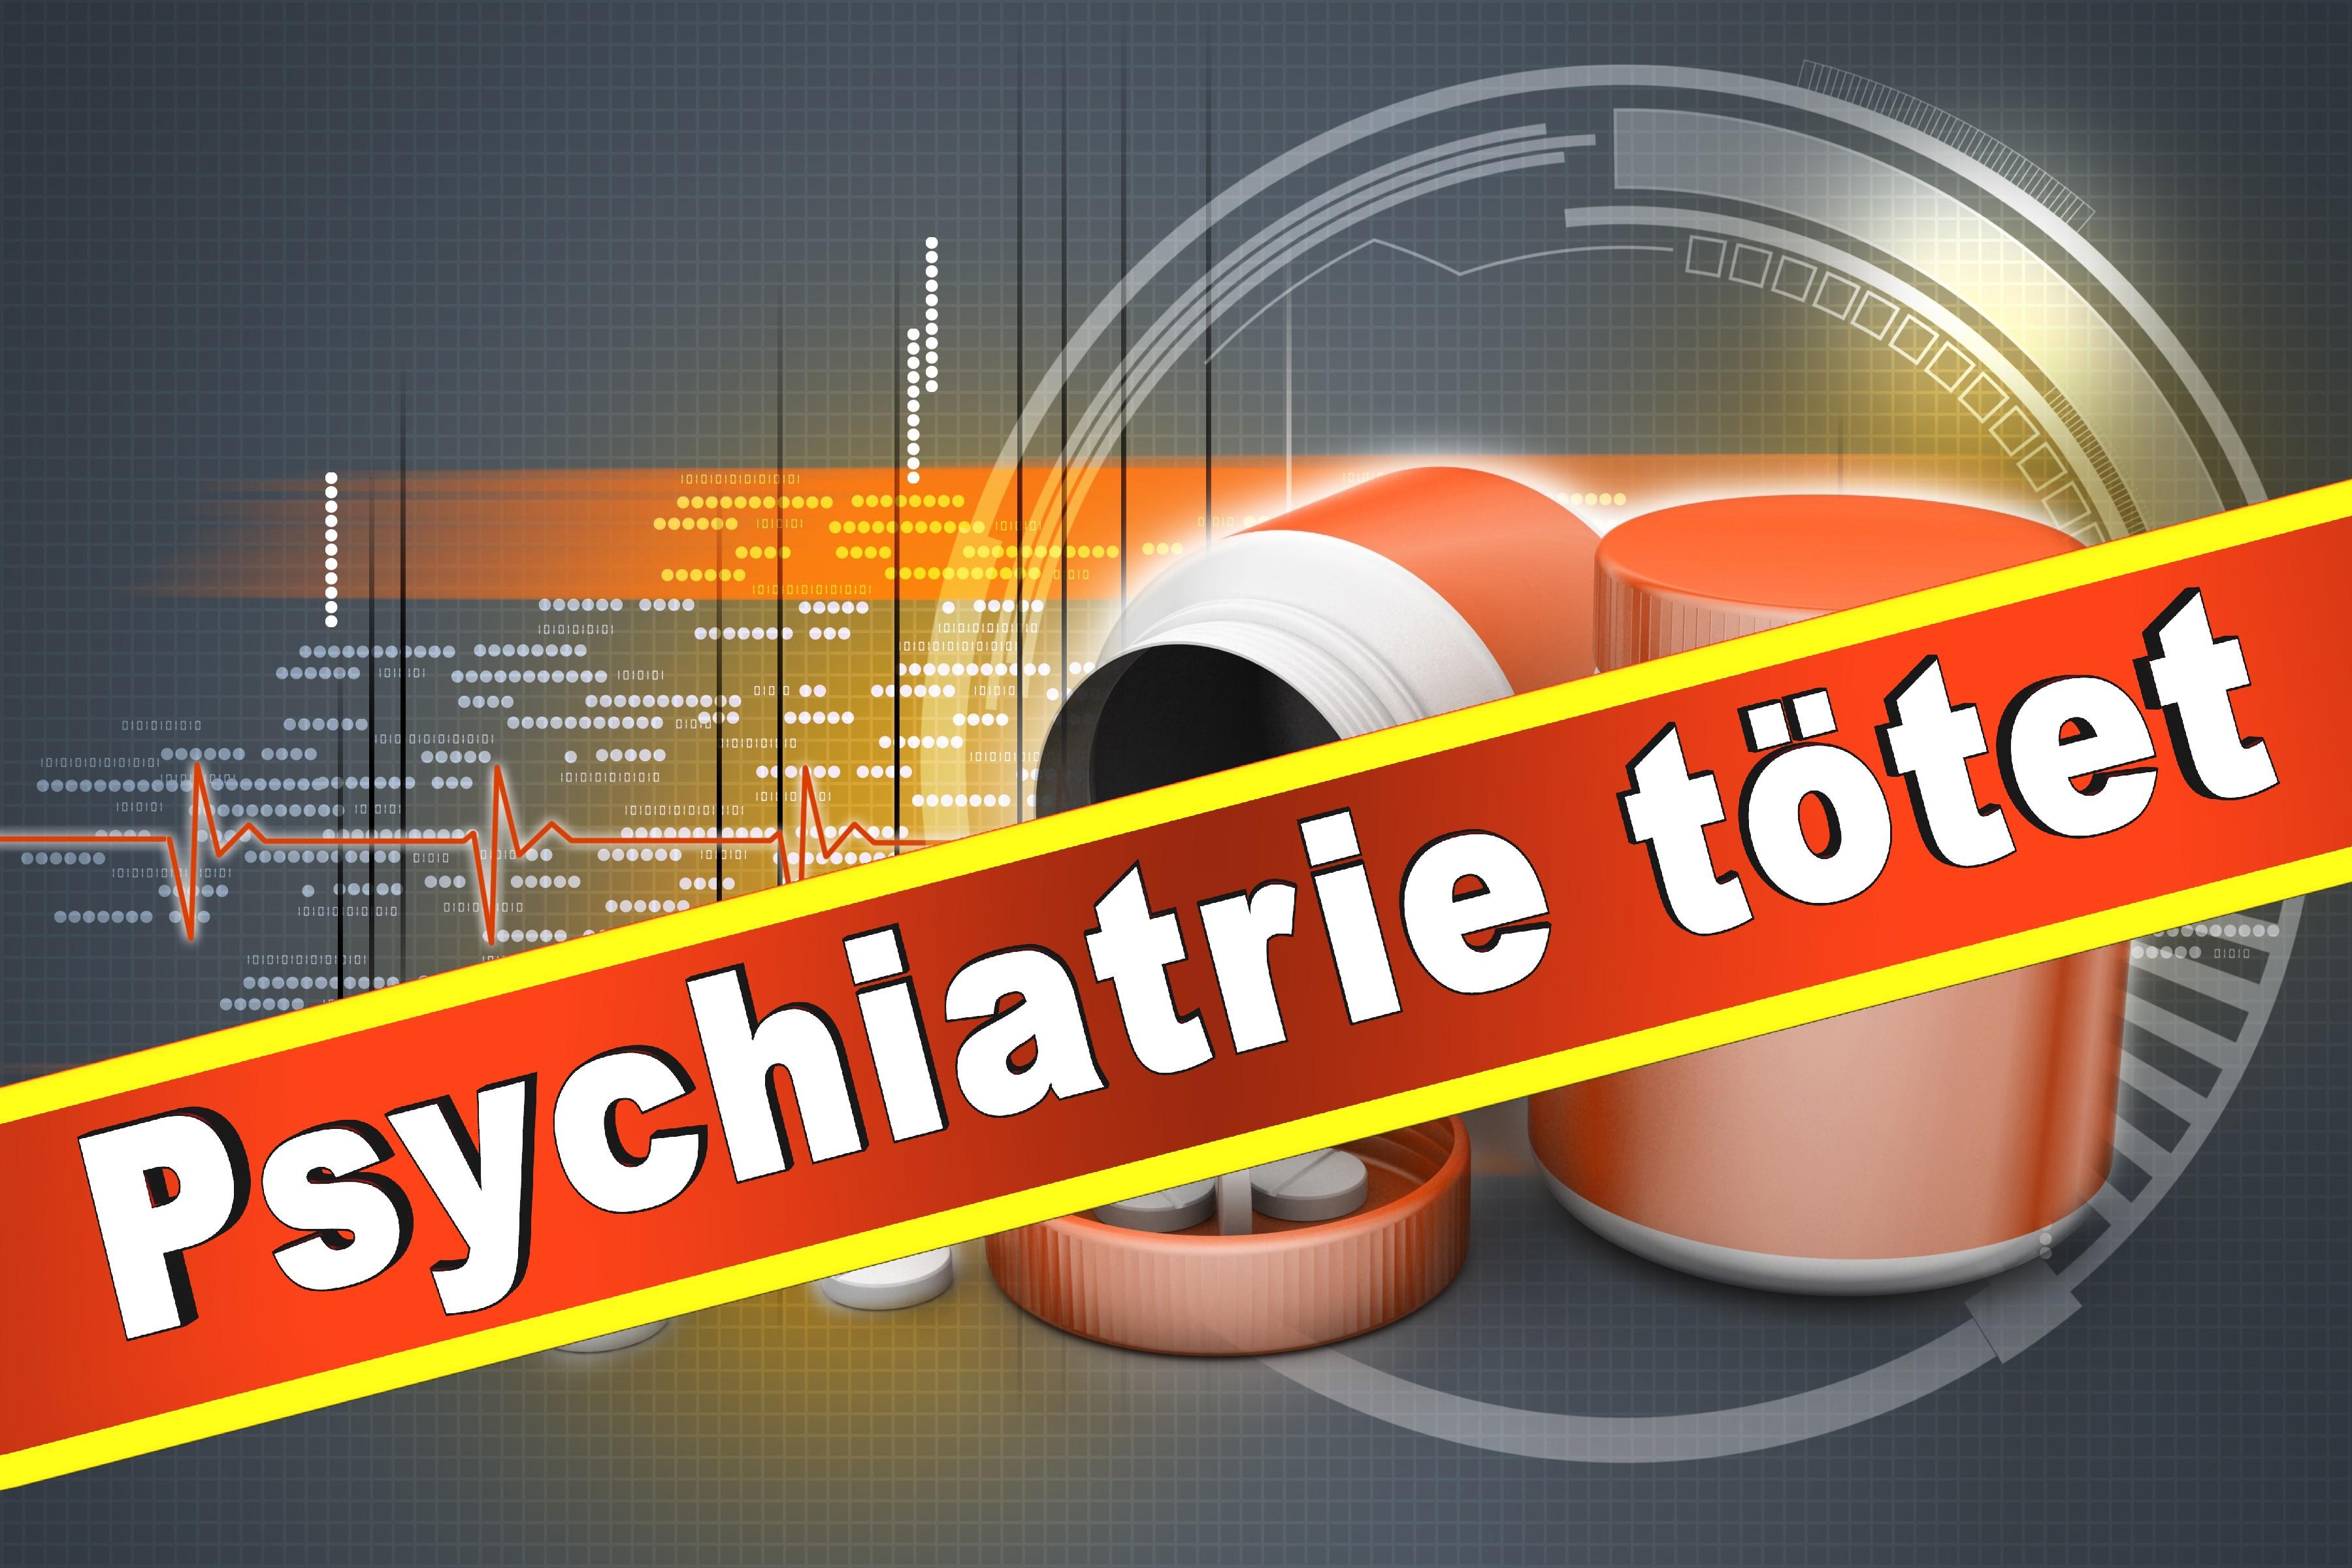 Psychiatrische Praxis Regina Van Held Psychotherapeut Hannover Psychotherapie